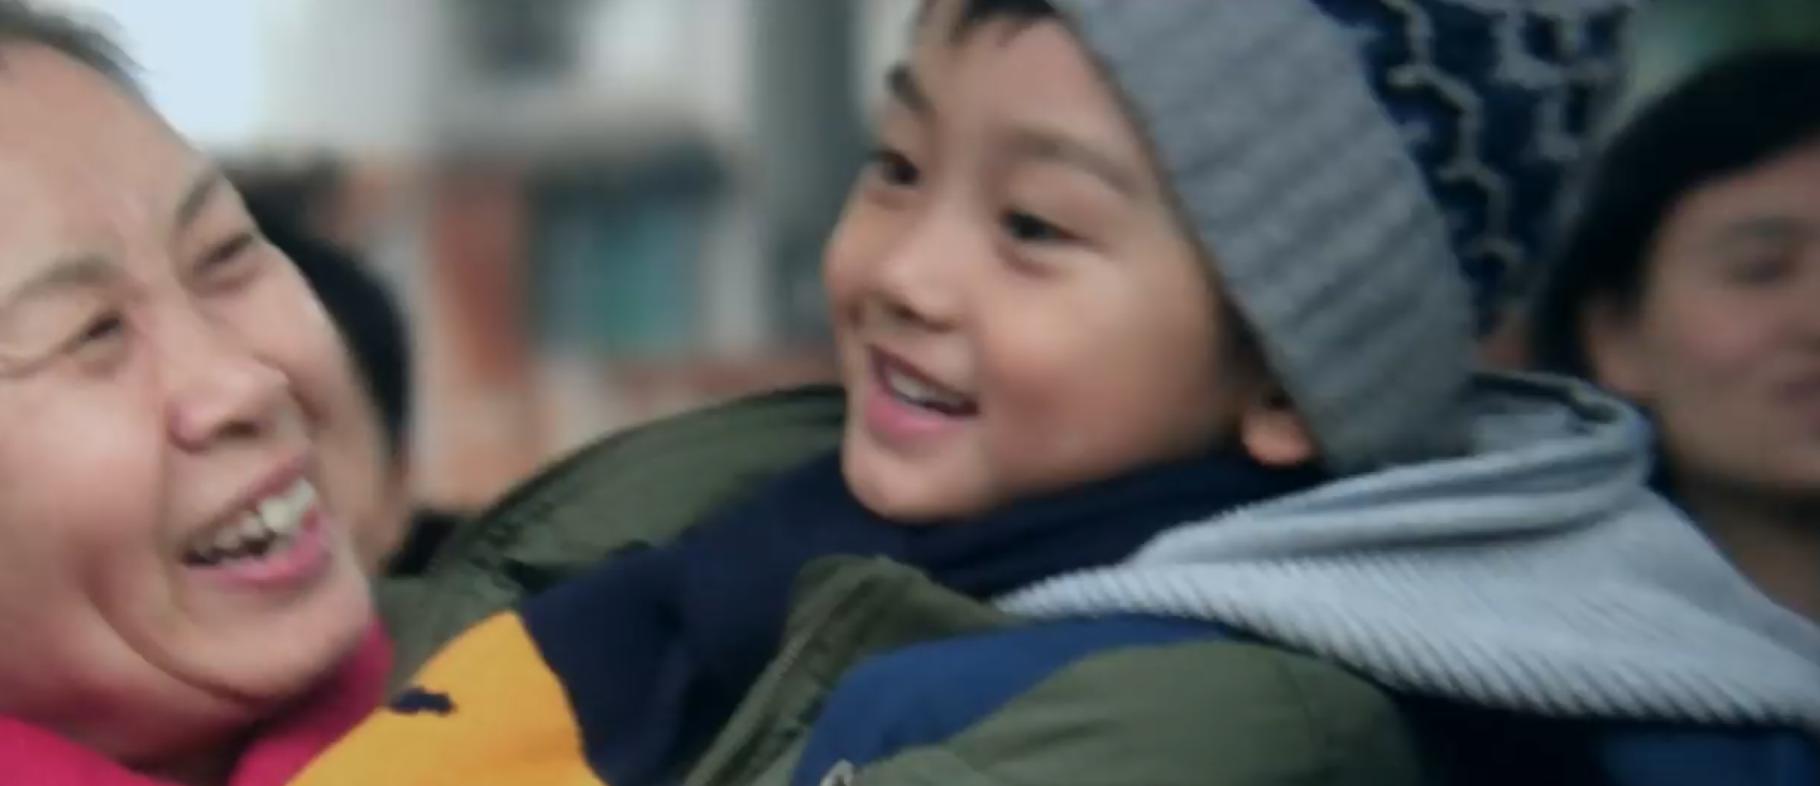 Відео: Apple зняла перший у світі короткометражний фільм на iPhone X